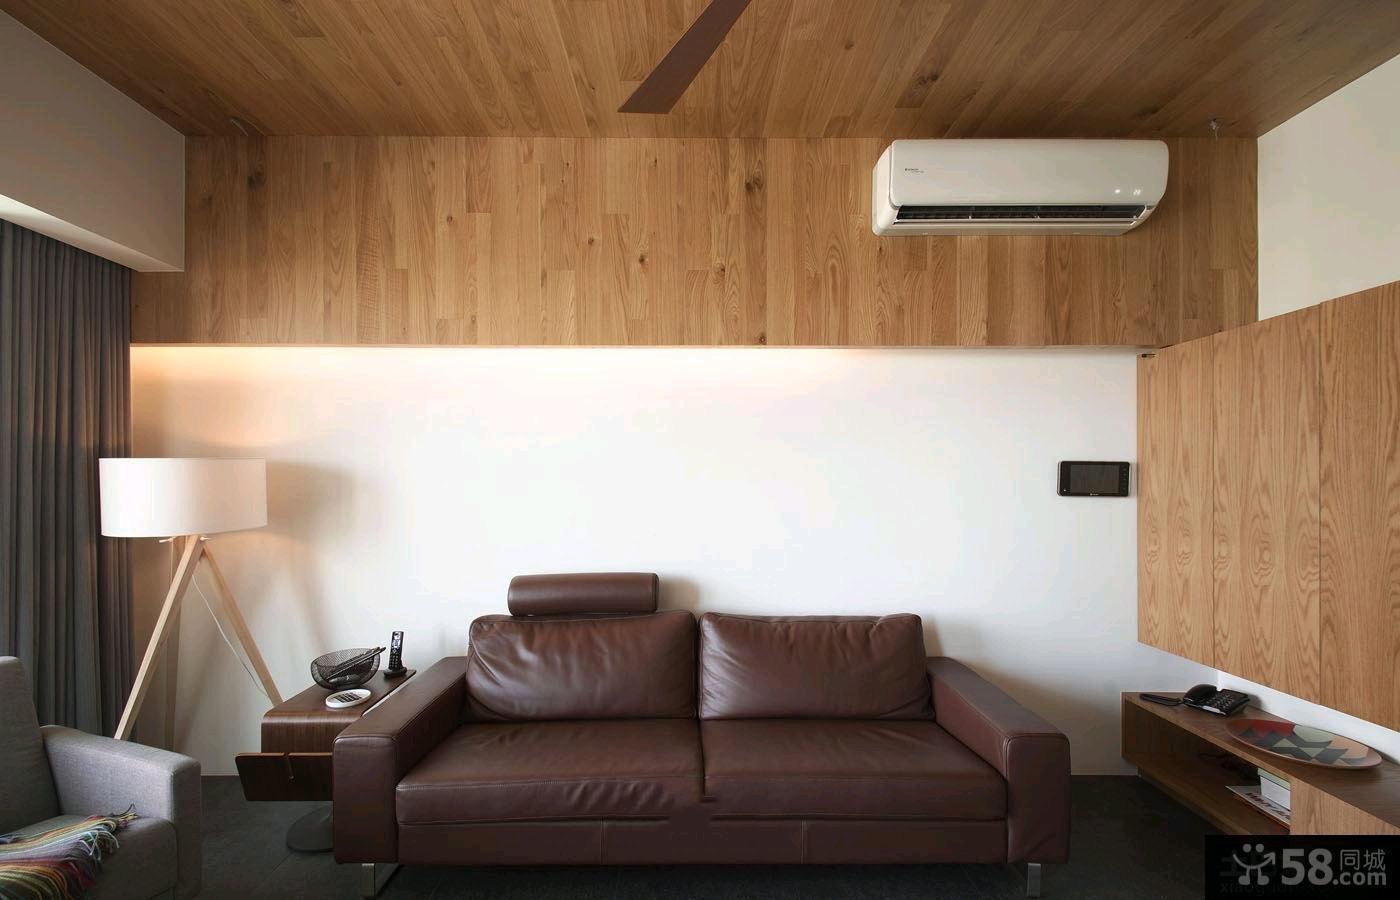 日式田园一居室家庭装修效果图片